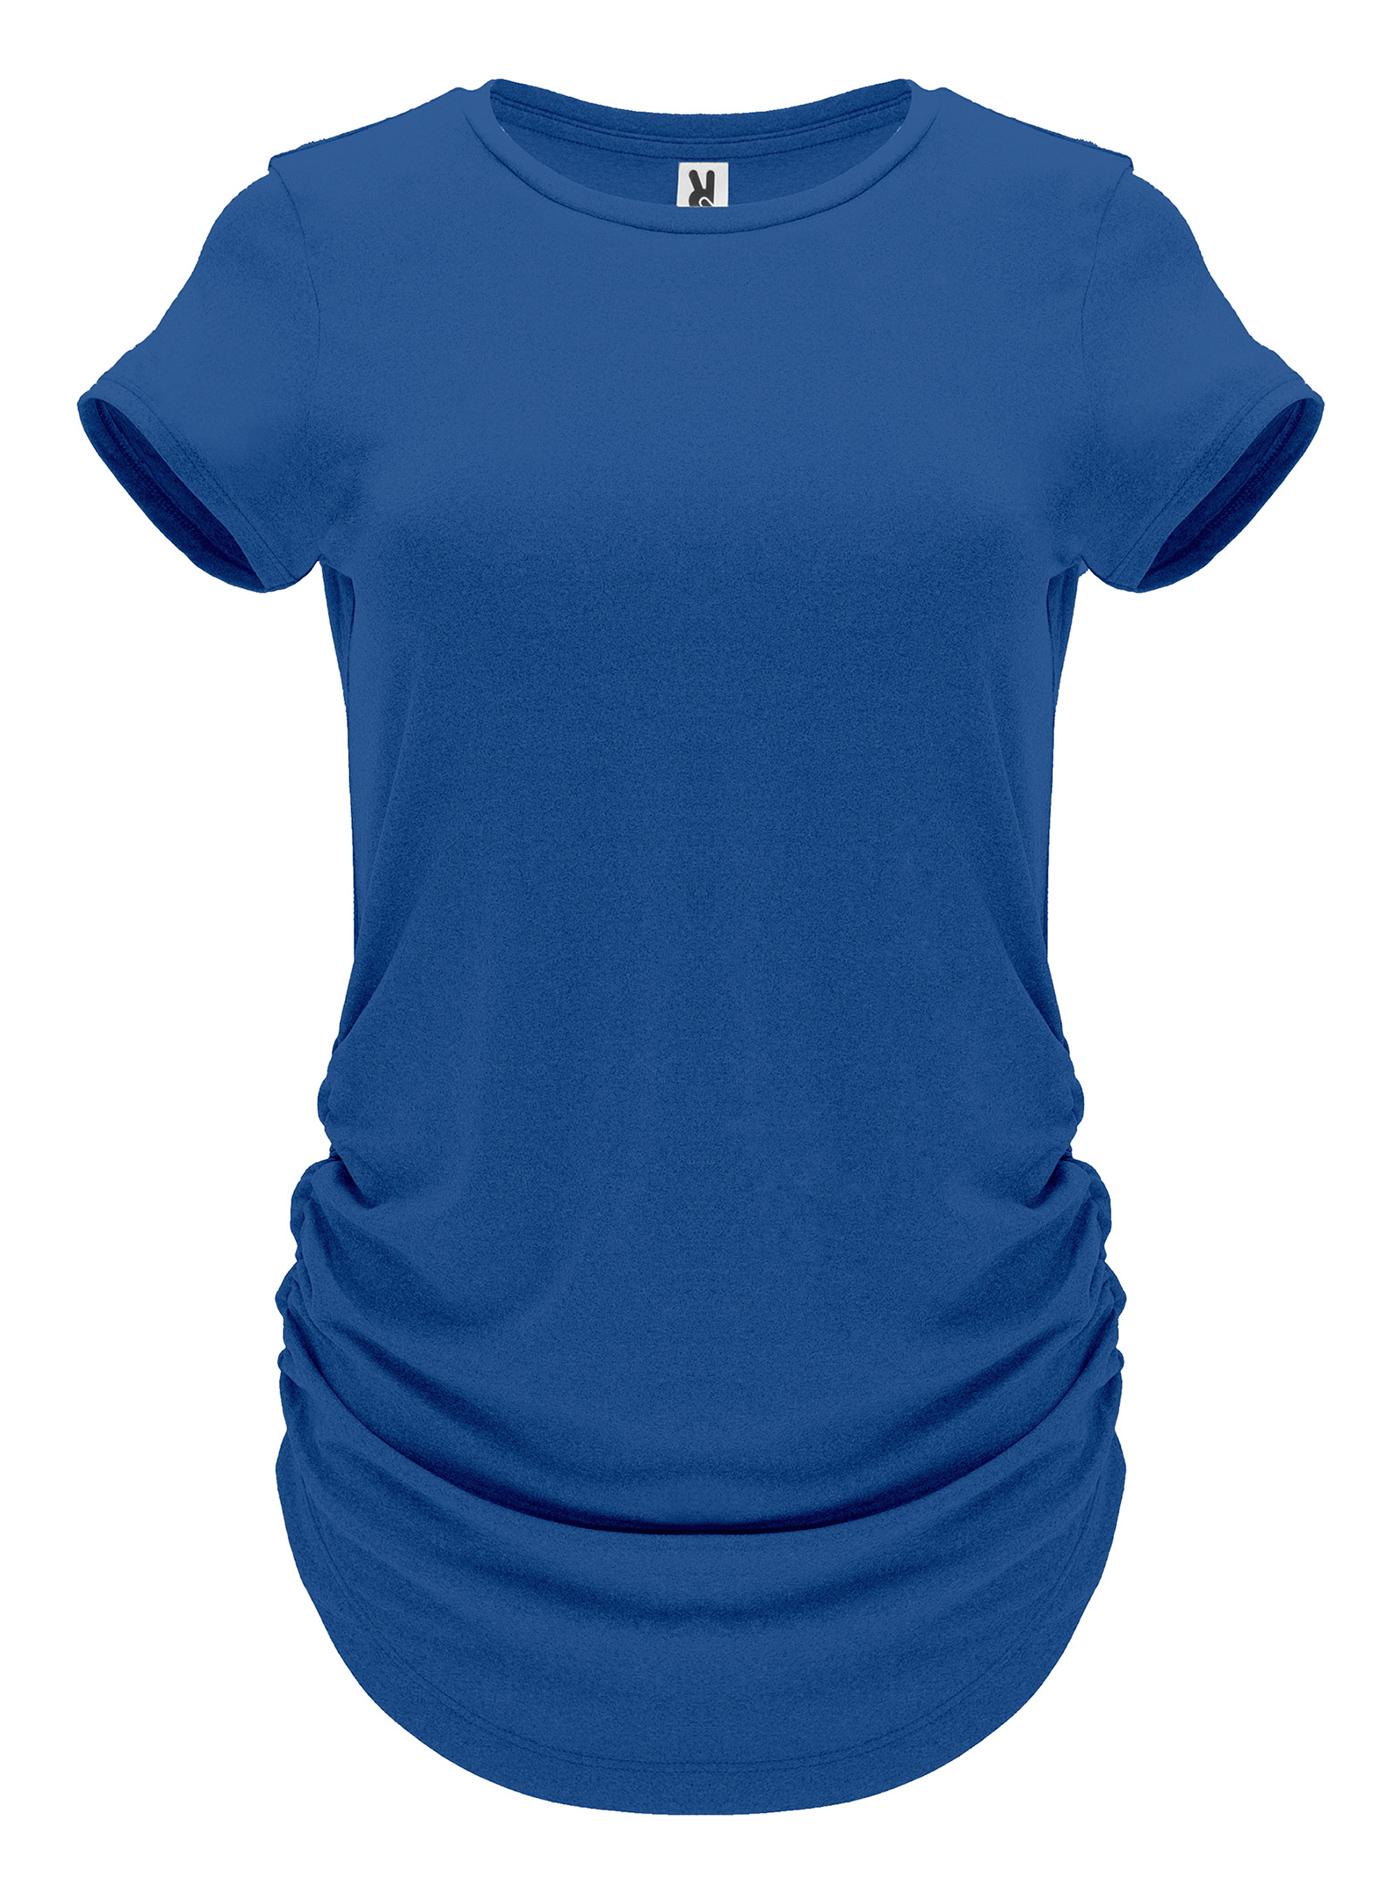 Dámské sportovní tričko Aintree - Královská modrá XXL